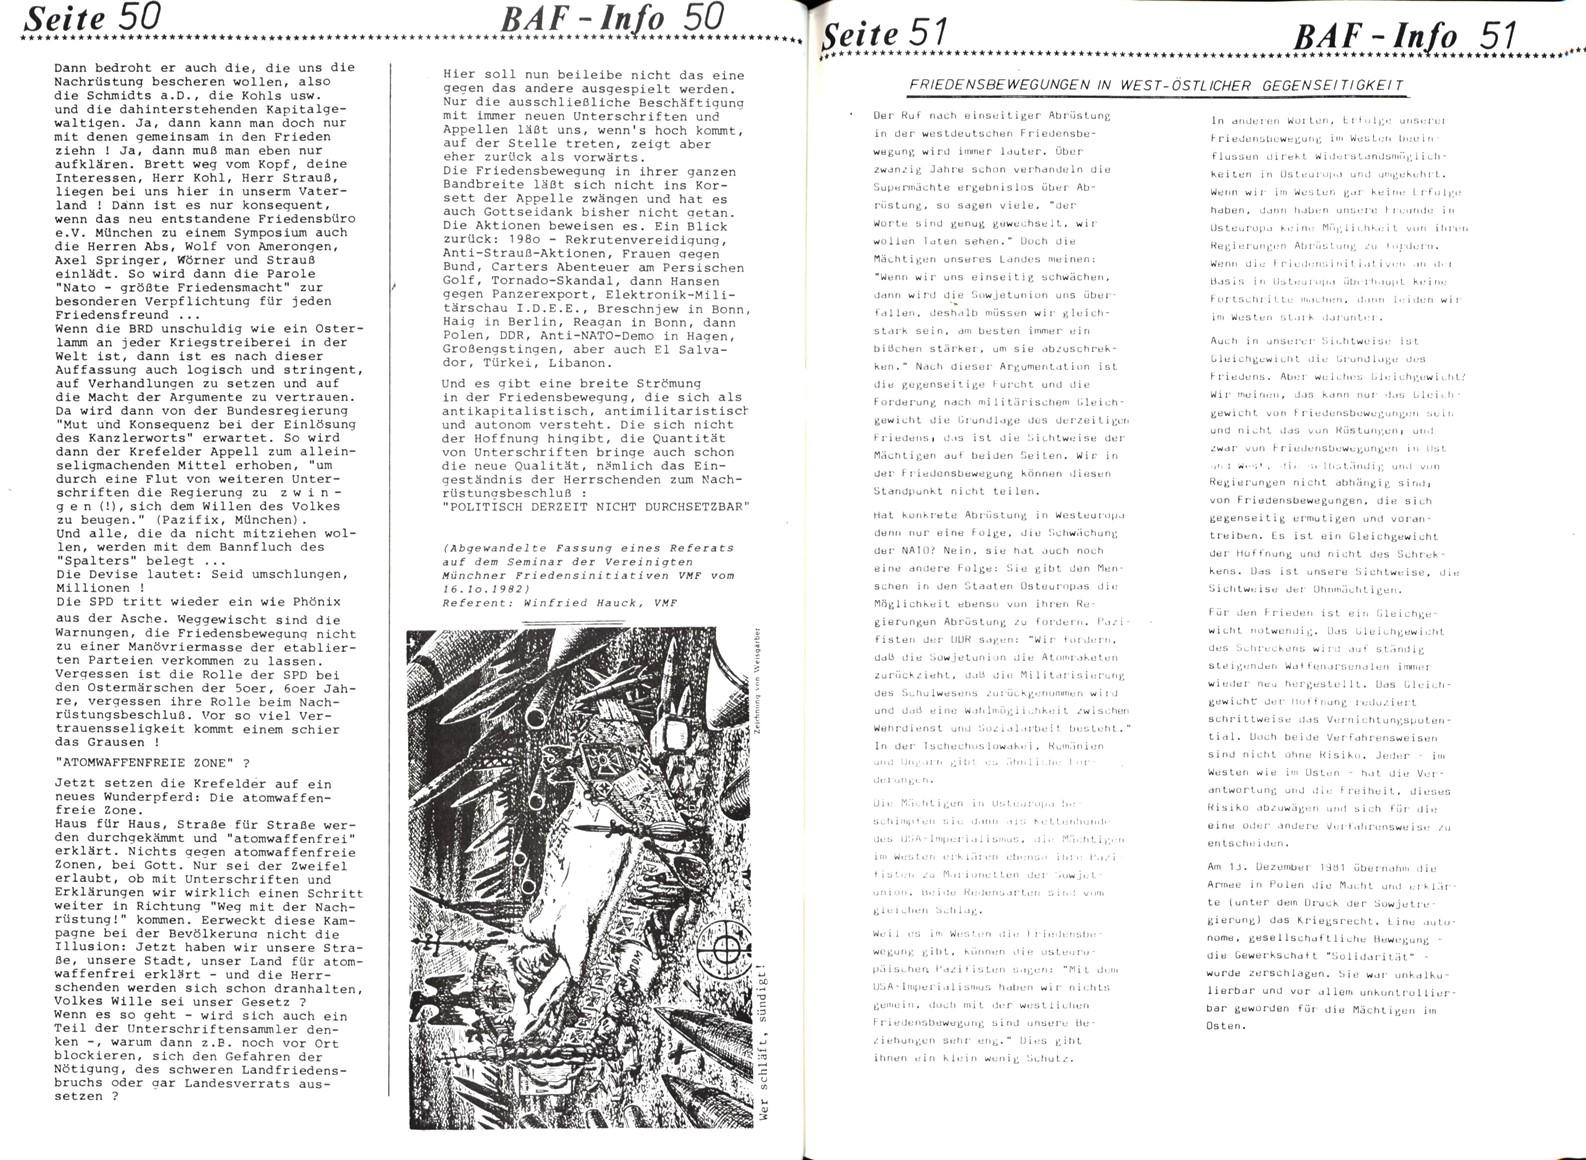 BAF_Info_02_19830100_26